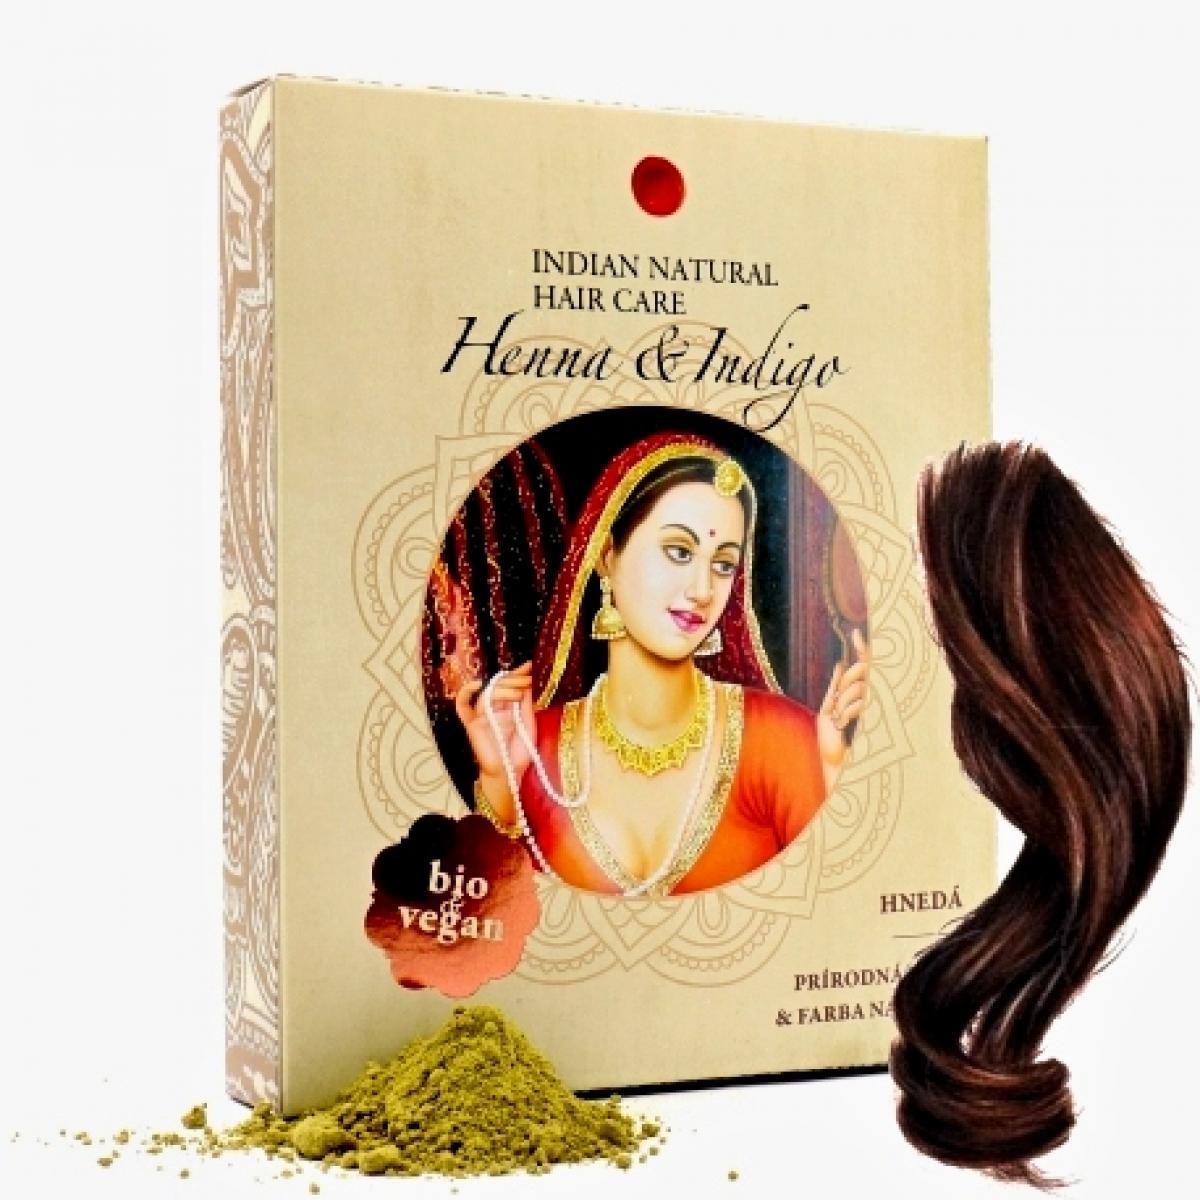 Henna + Indigo + Amla - Prírodná farba a kúra na vlasy - Svetlohnedá - Indian Natural Hair Care 200 g